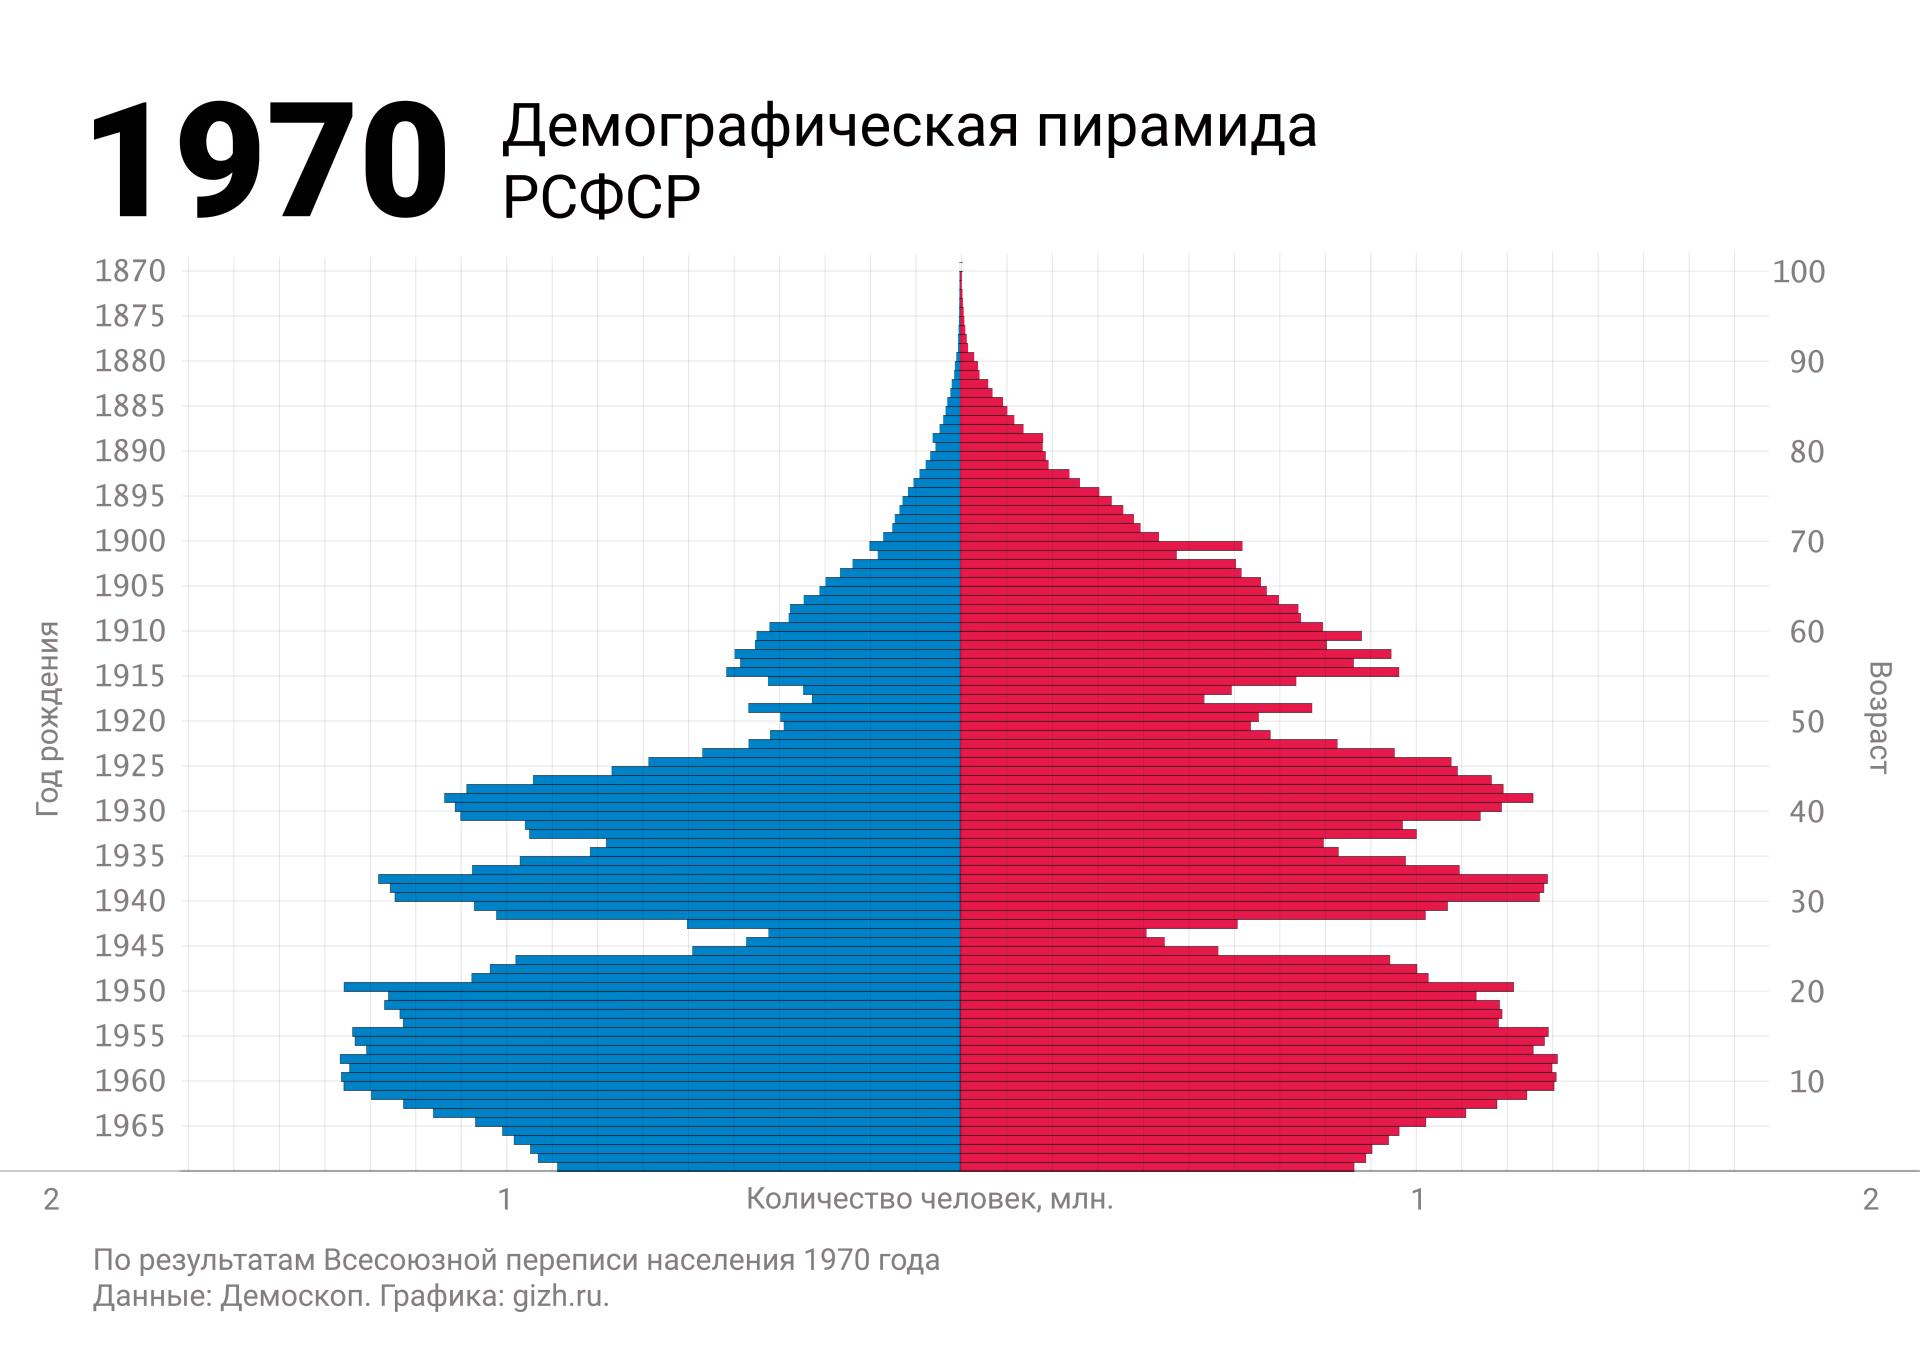 Демографическая (половозрастная) пирамида России (СССР, РСФСР) по переписи 1970